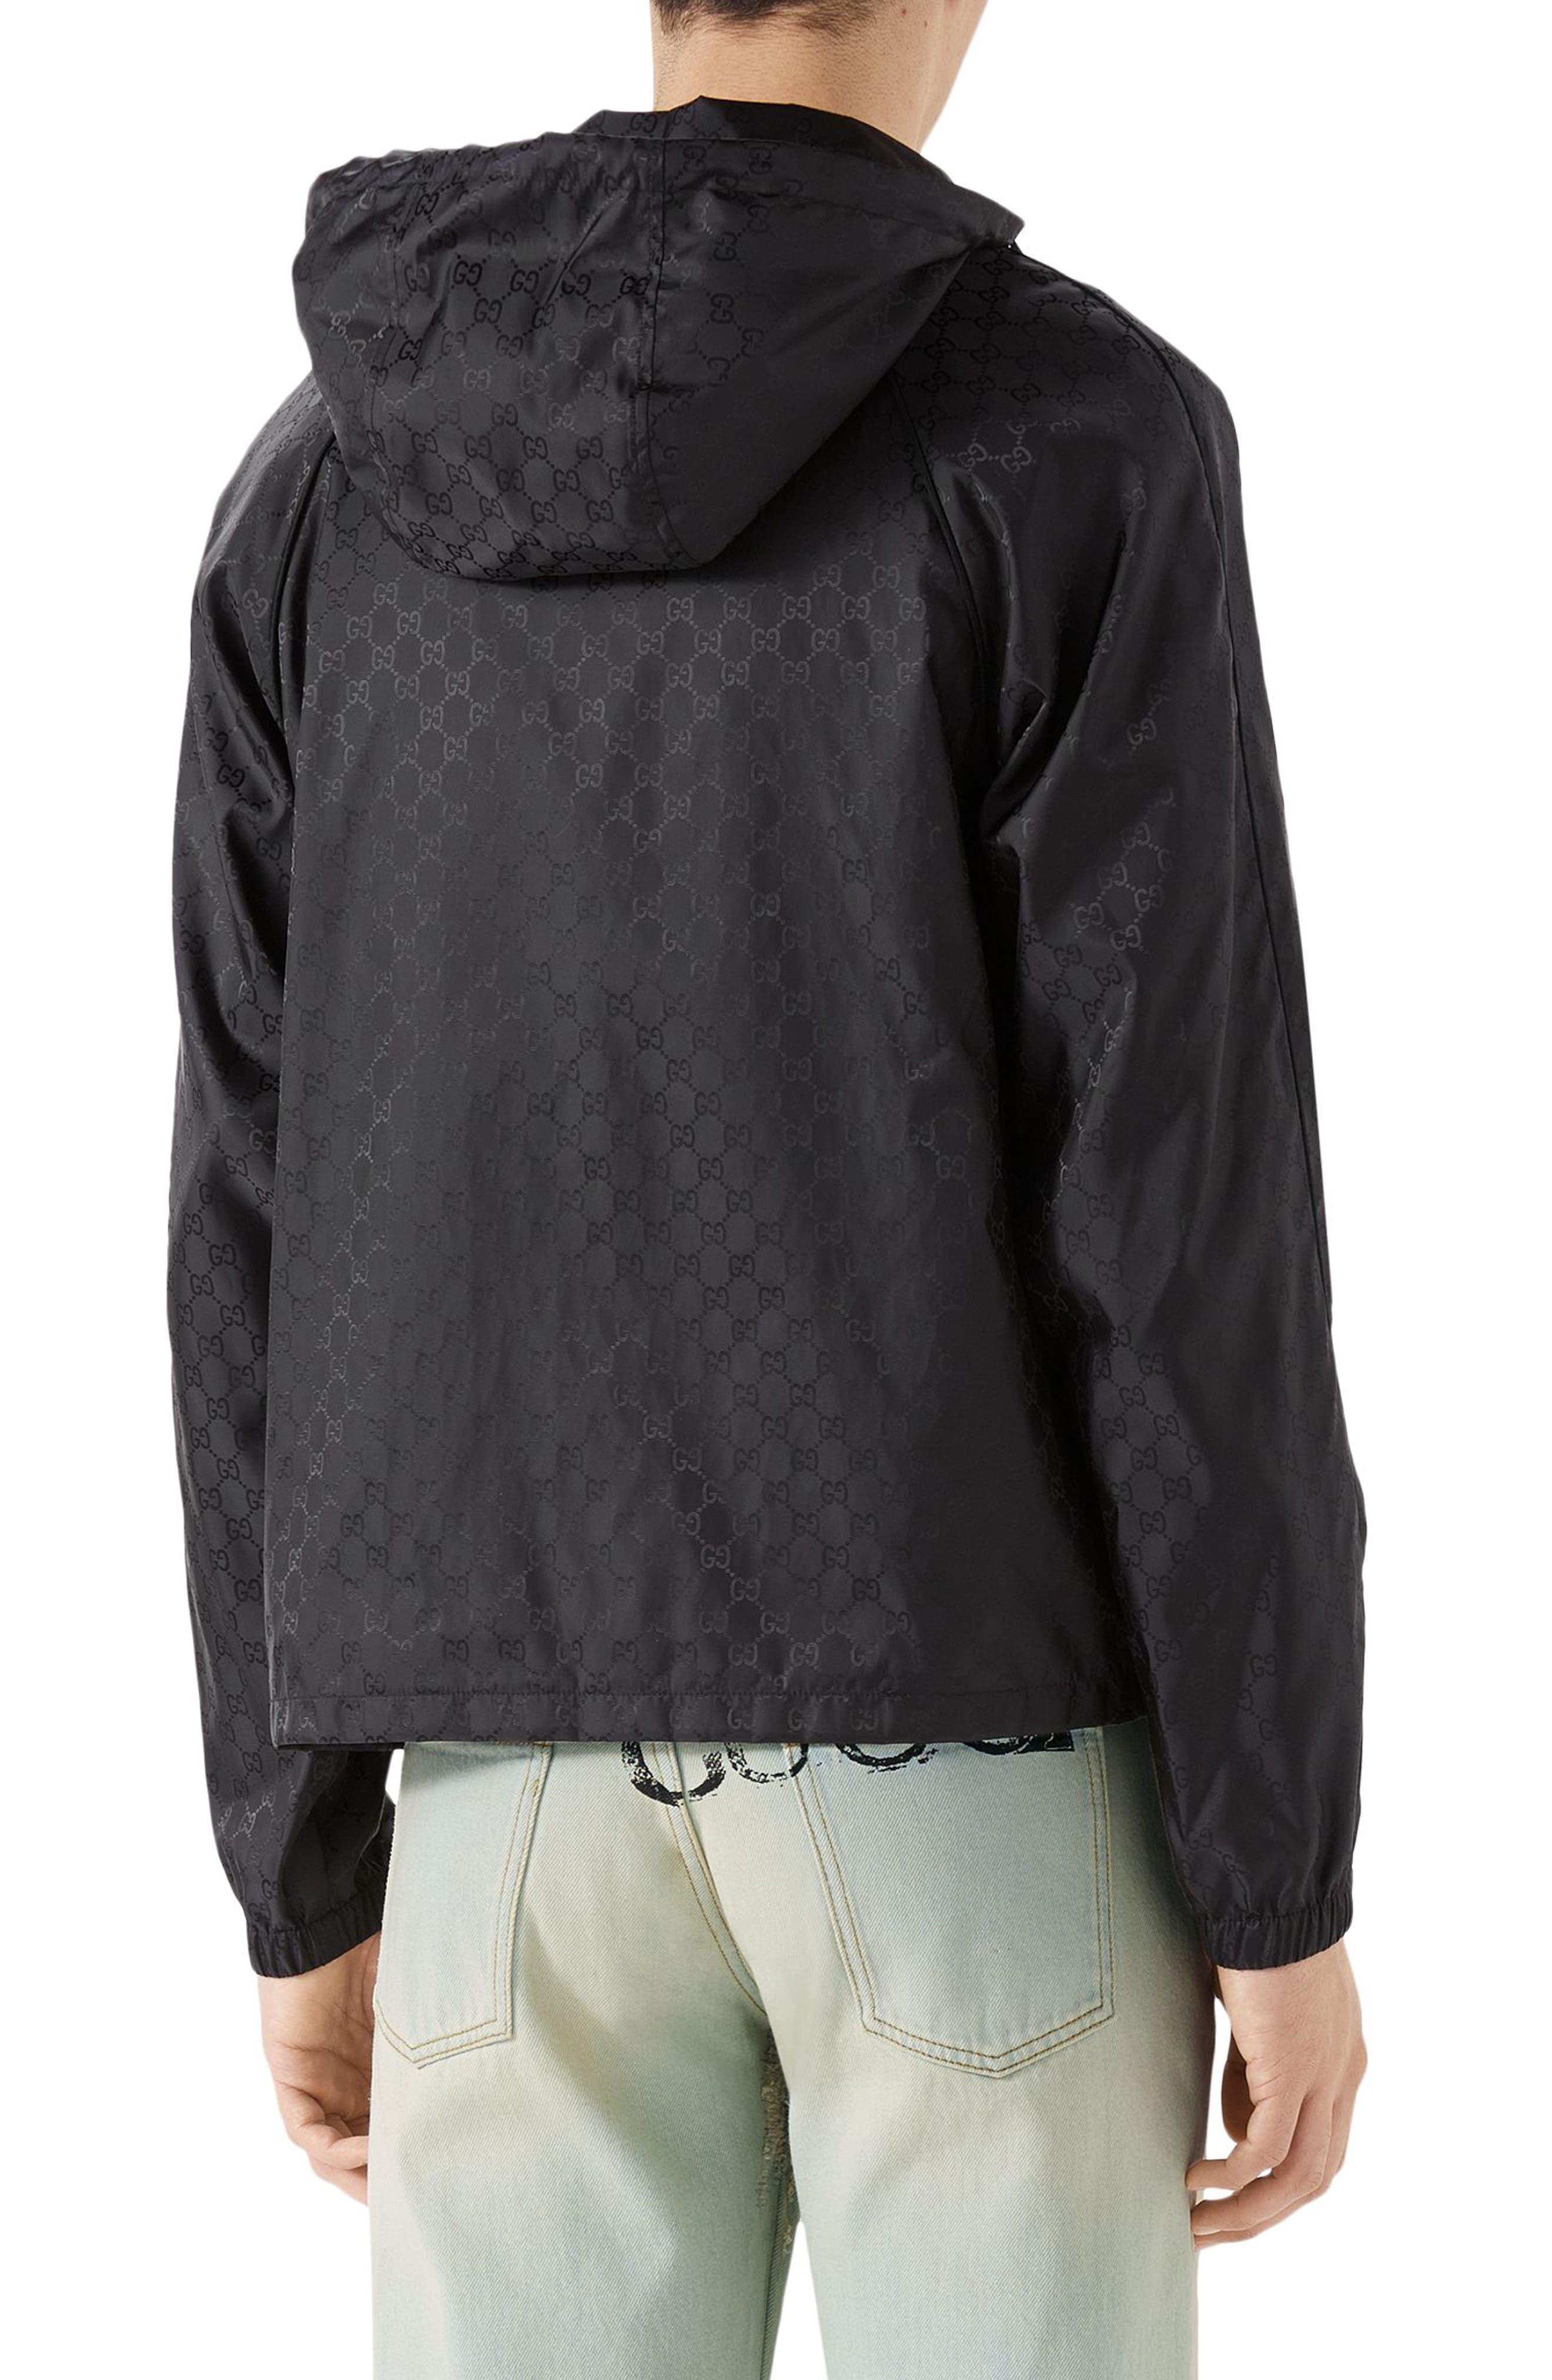 GG Jacquard Print Nylon Jacket,                             Alternate thumbnail 2, color,                             BLACK